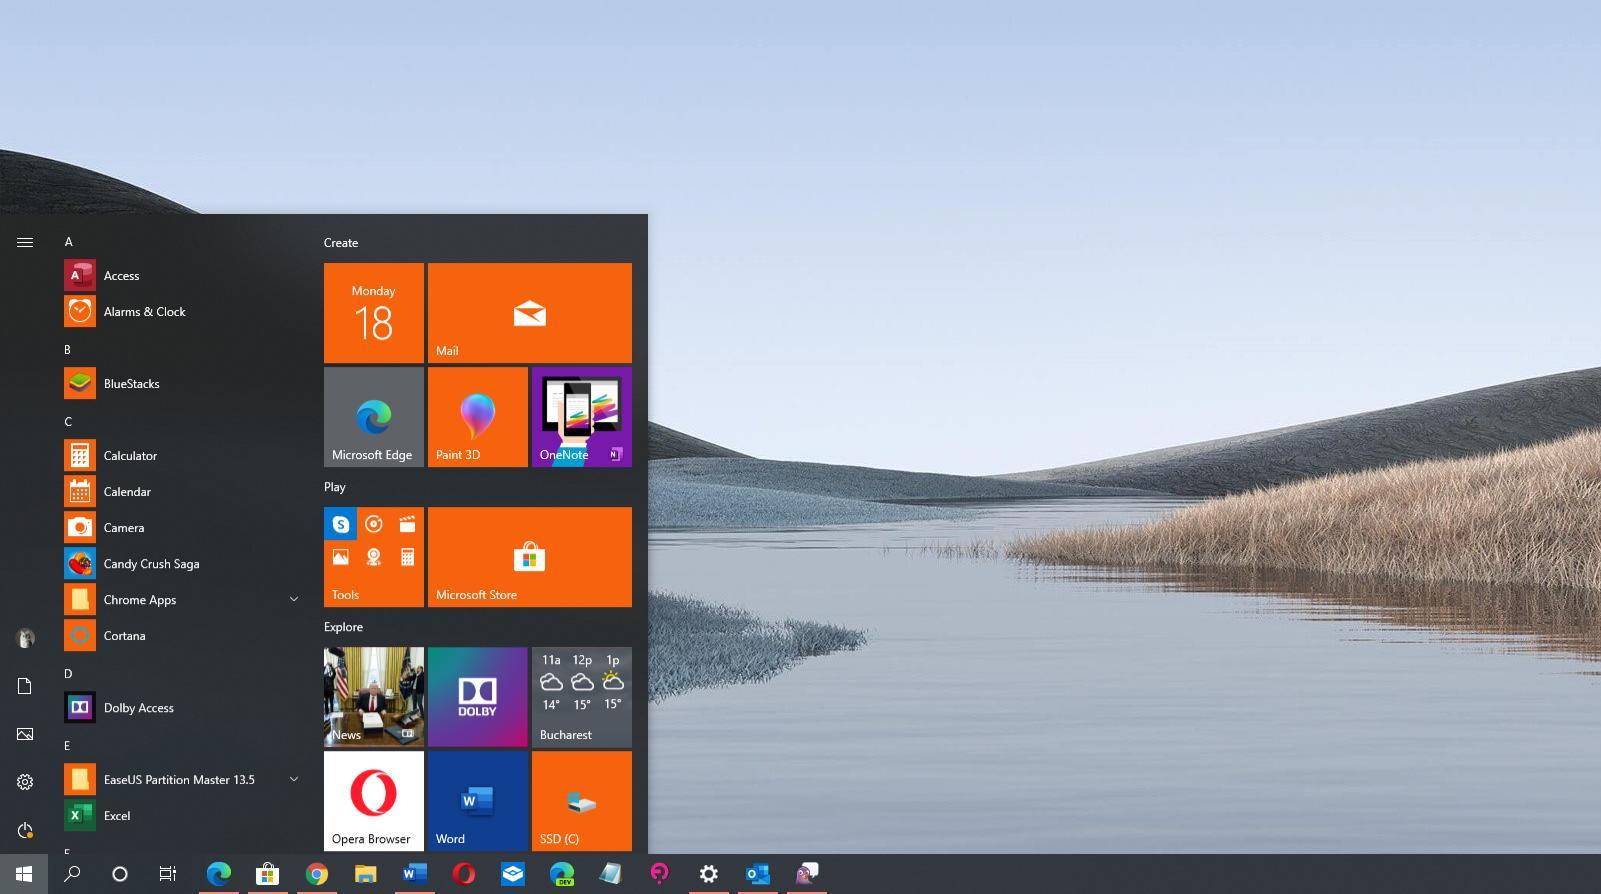 Windows 10 media creation tool 1909